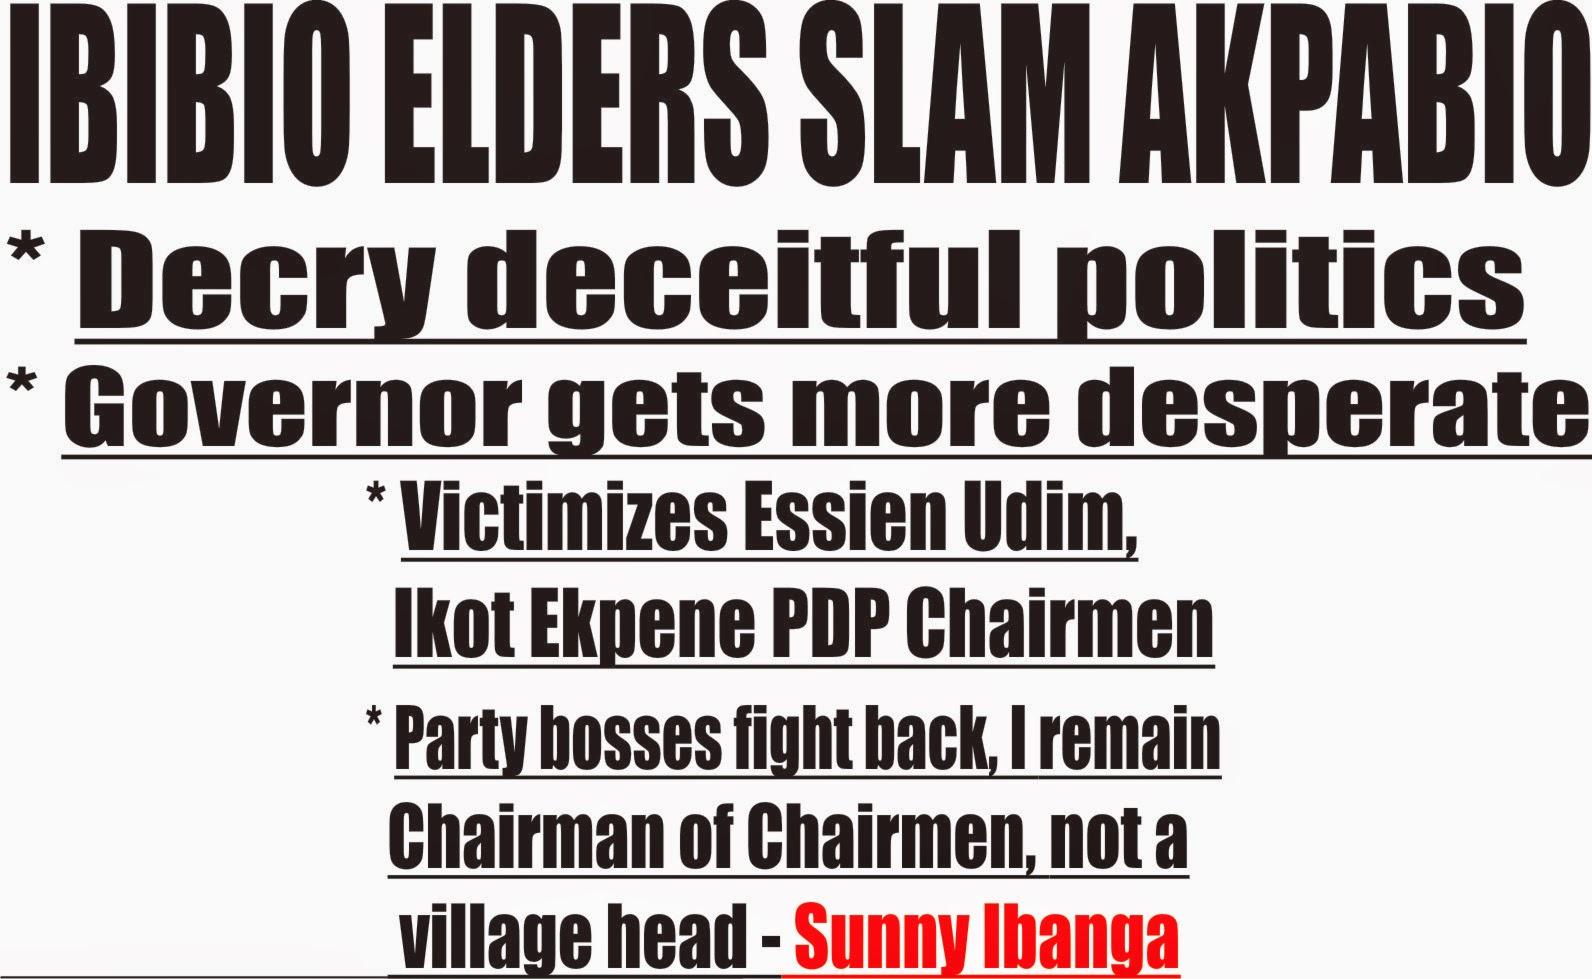 Ibibio elders slam Akpabio * Decry deceitful politics